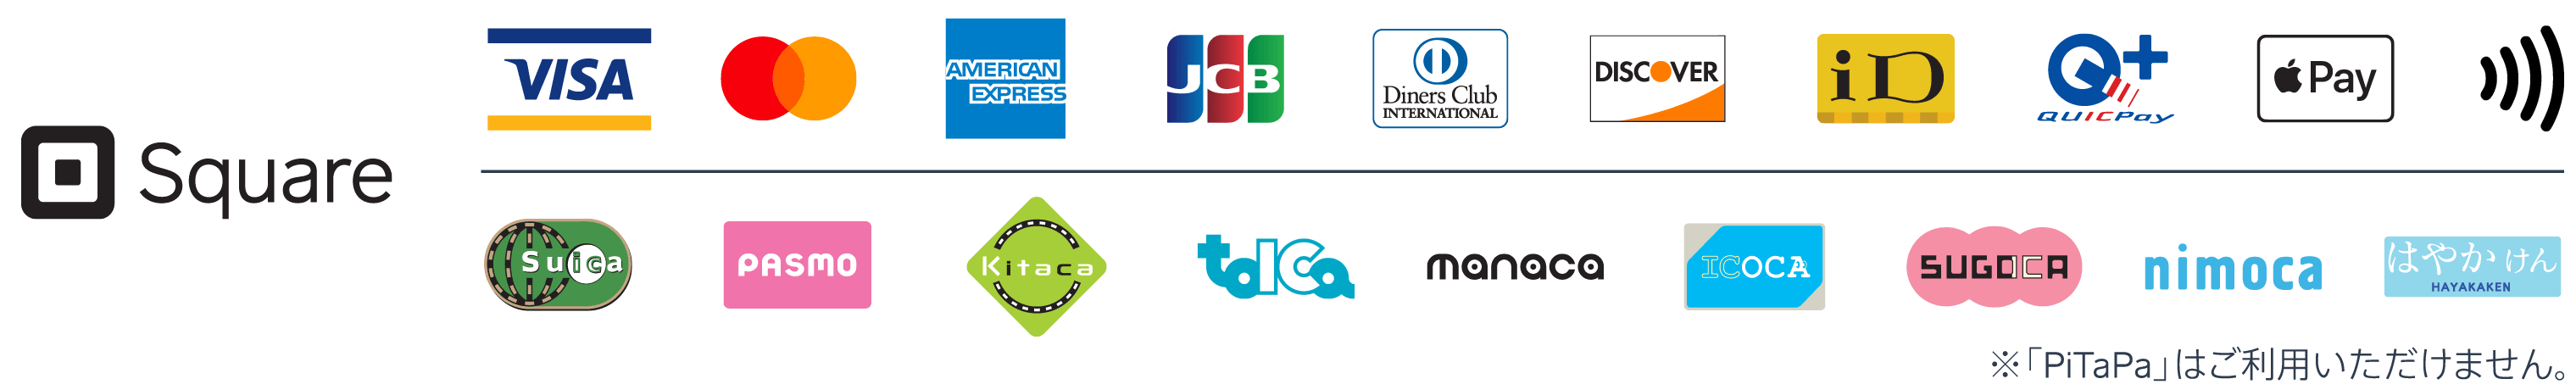 決済サービスSquare:対応カード・電子マネー